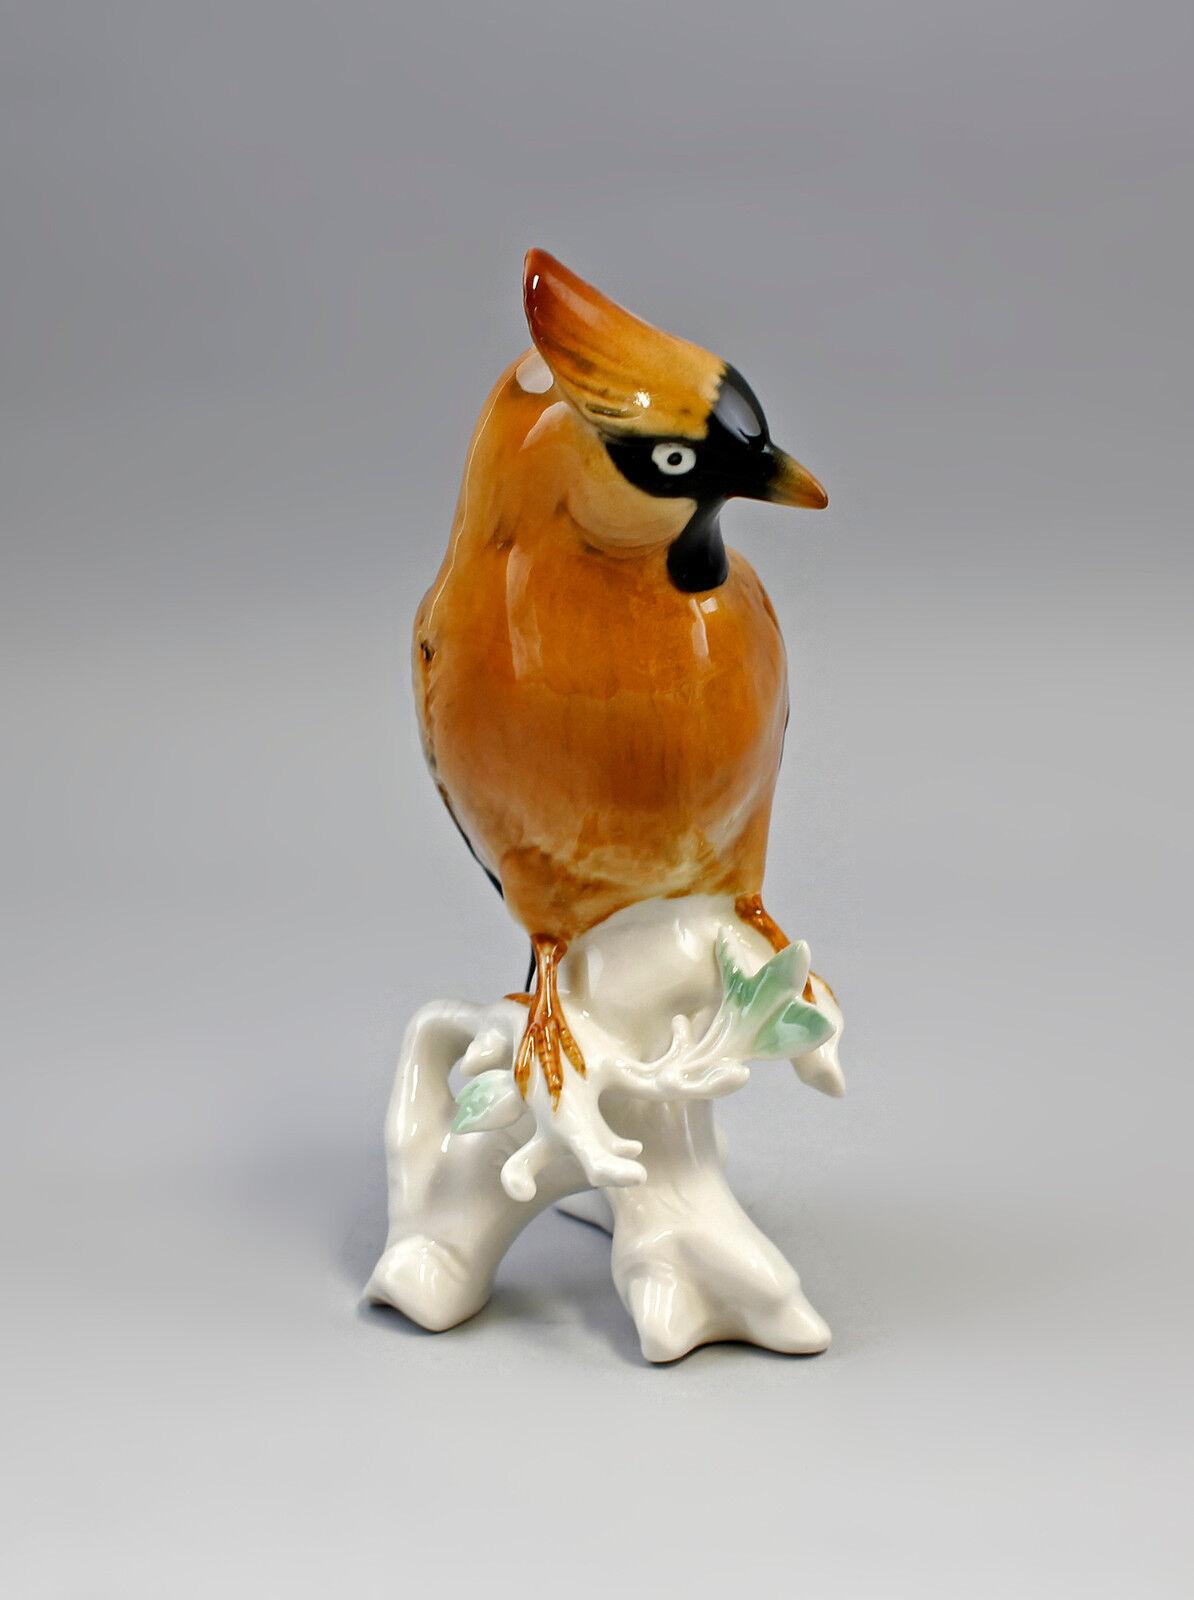 Oiseau porcelaine h20, personnage Soie Queue ENS h20, porcelaine 5 cm 9941454 93cb93